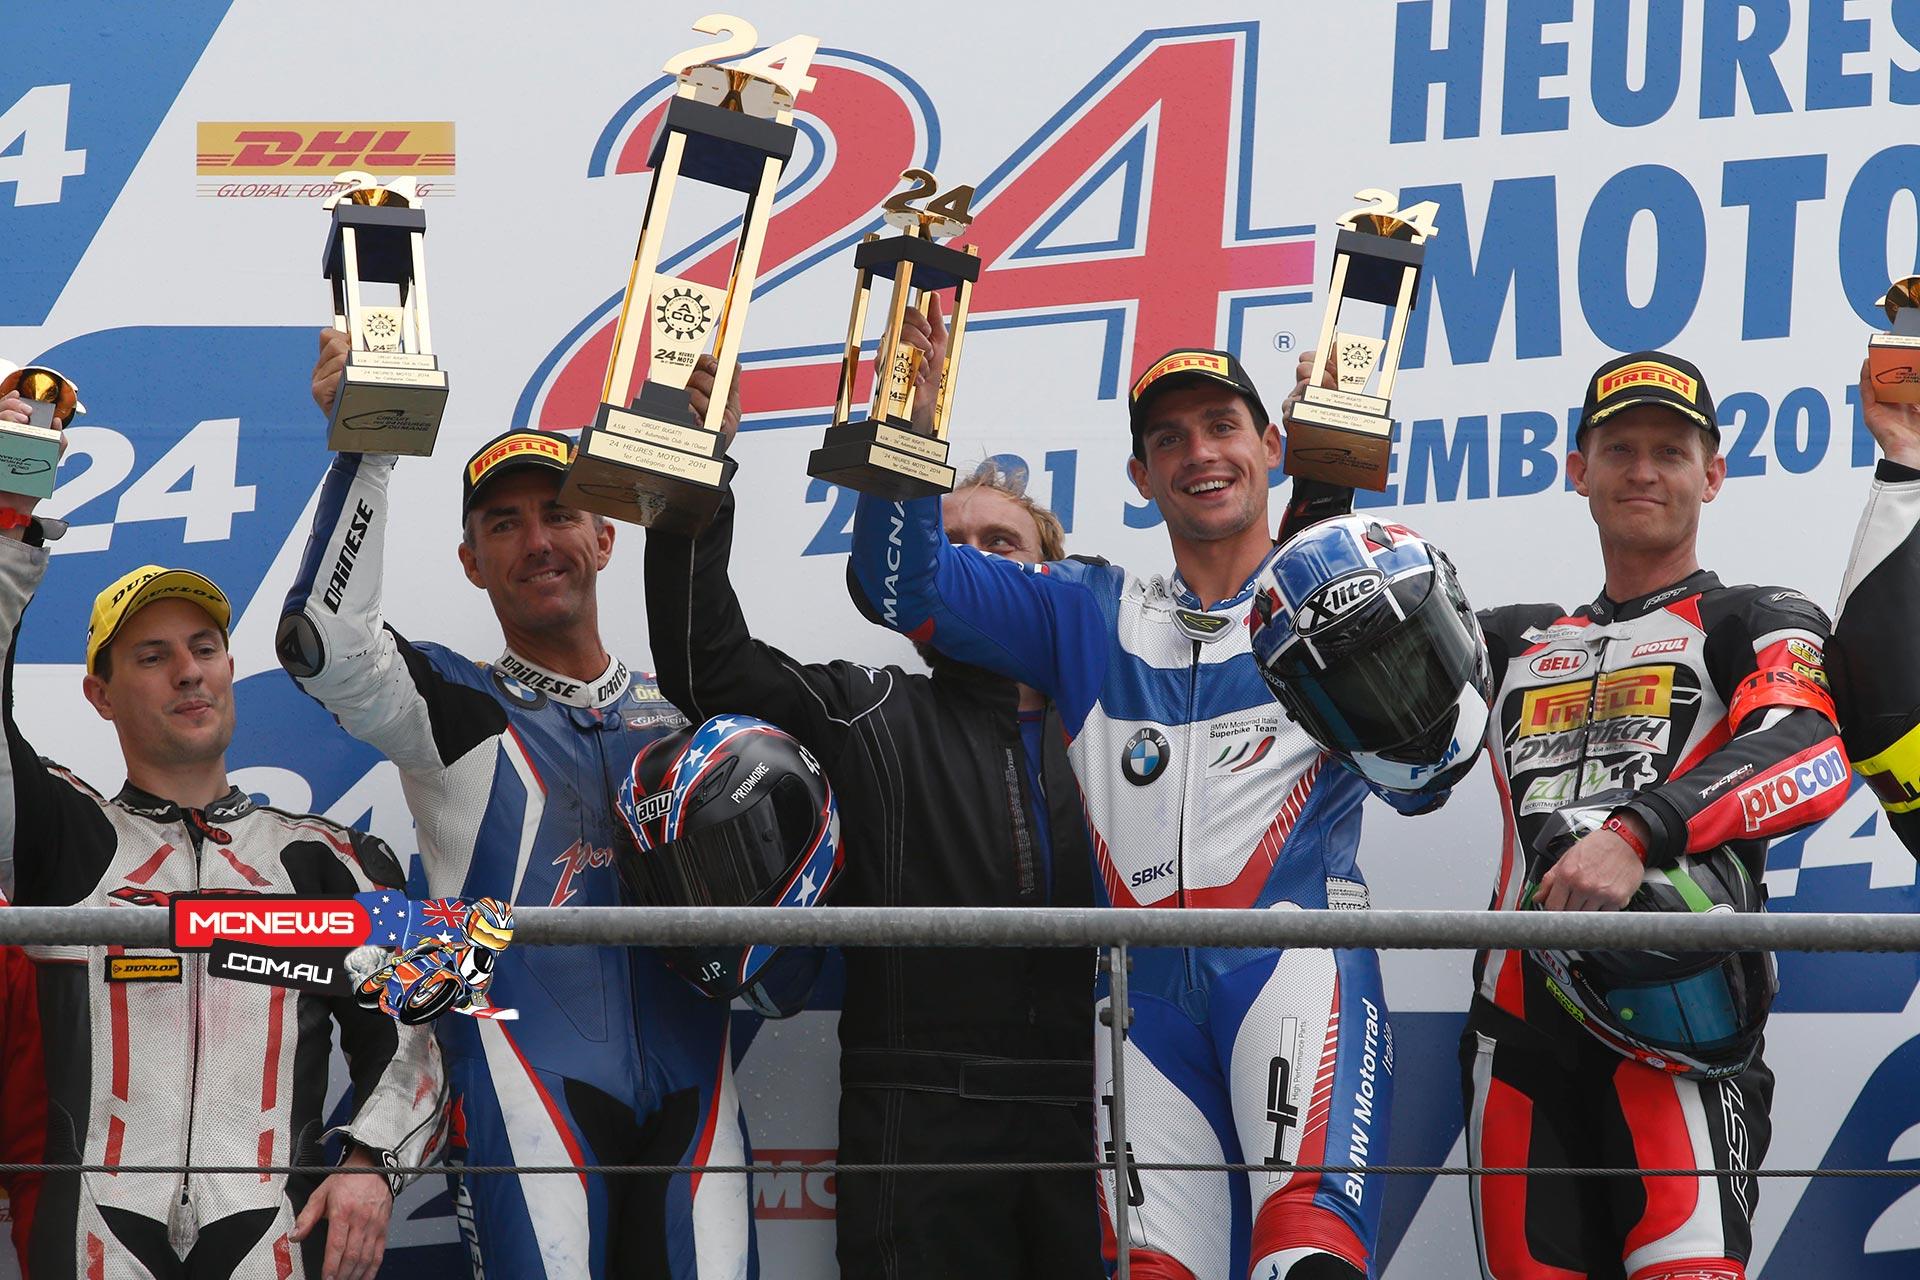 Le Mans 24 Hour 2014 - Jason Pridmore - Sylvain Barrier - Glenn Allerton